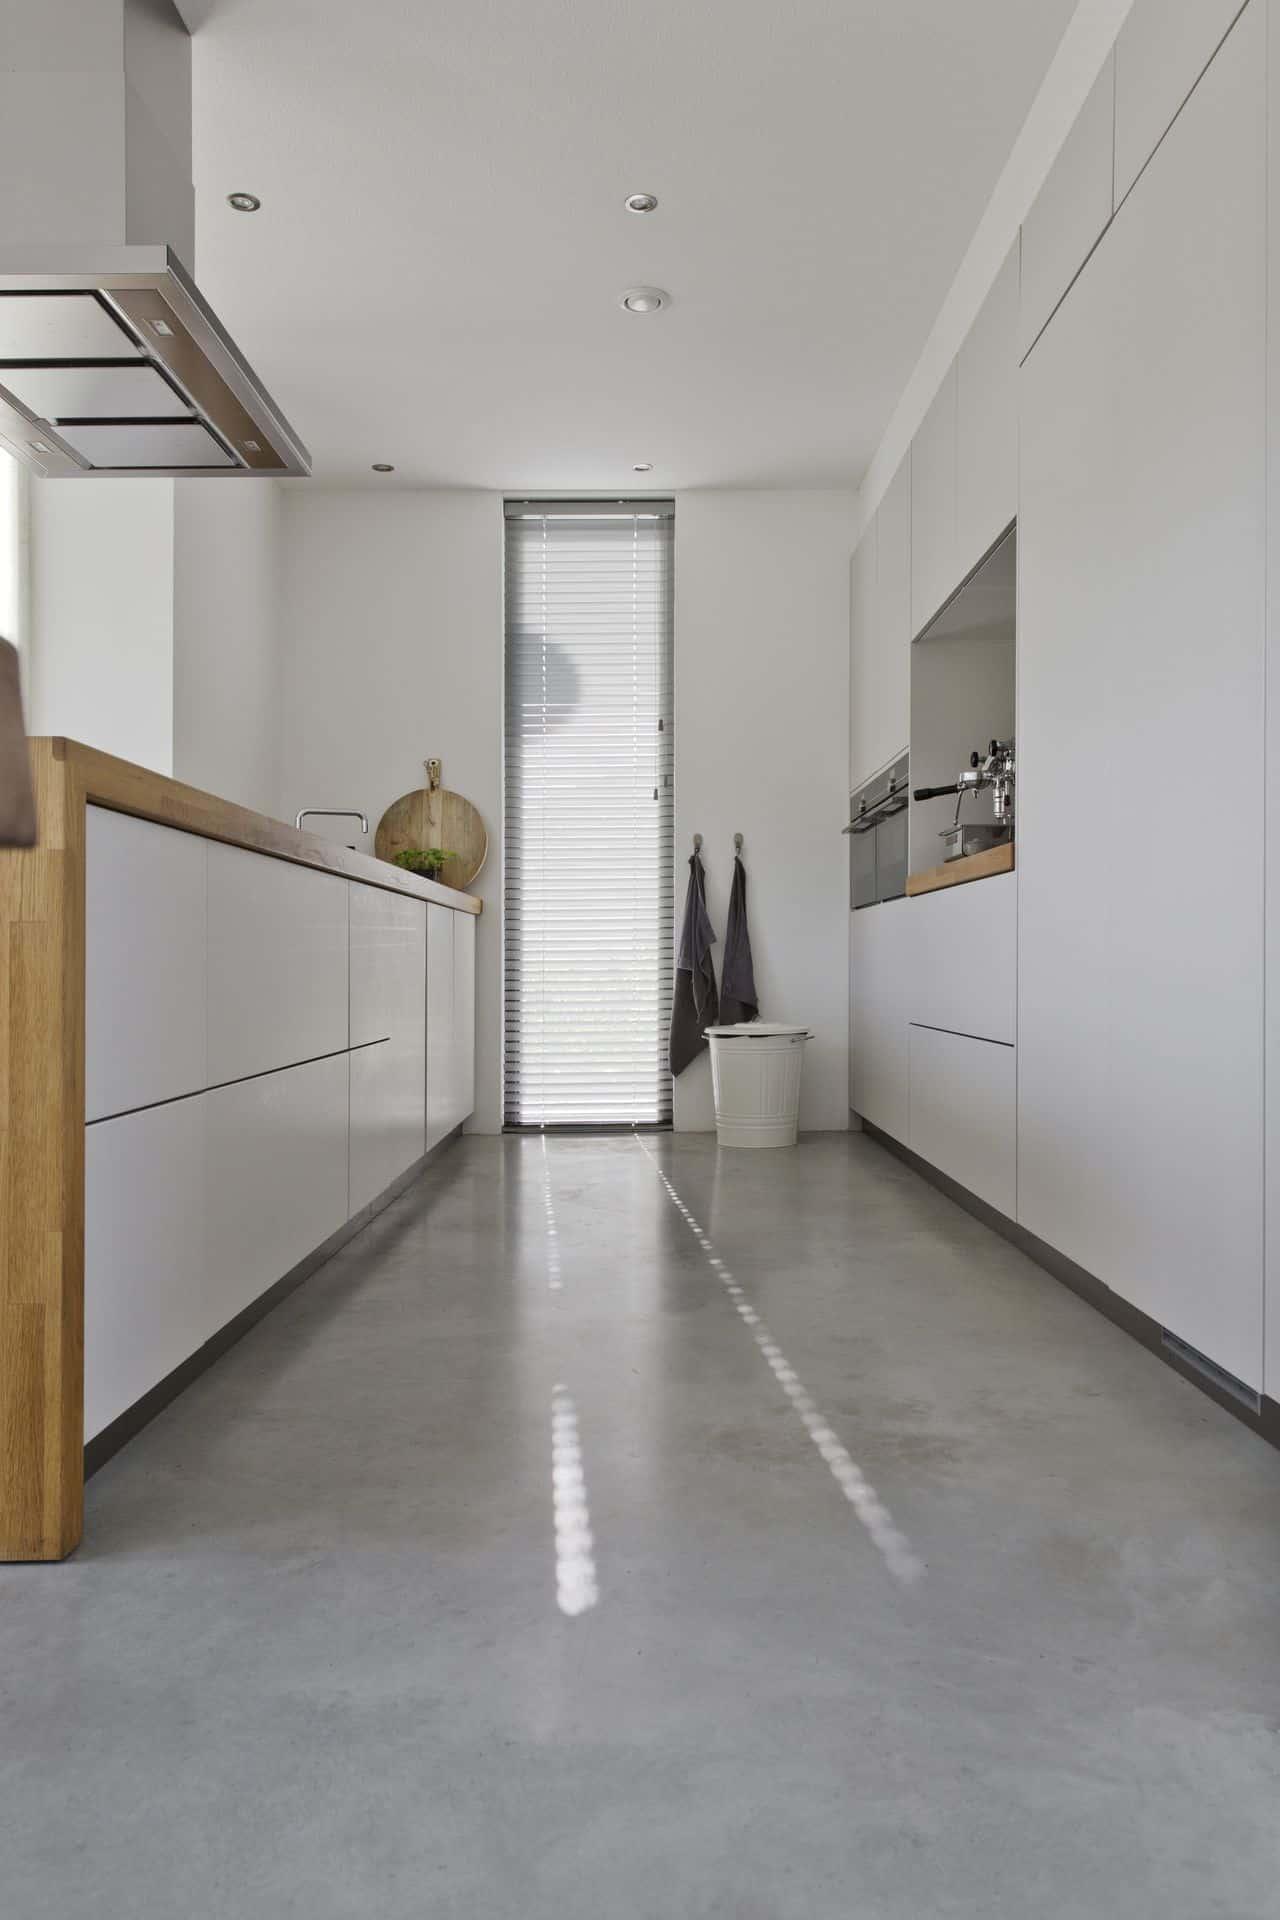 gevlinderde woonbeton vloer keuken